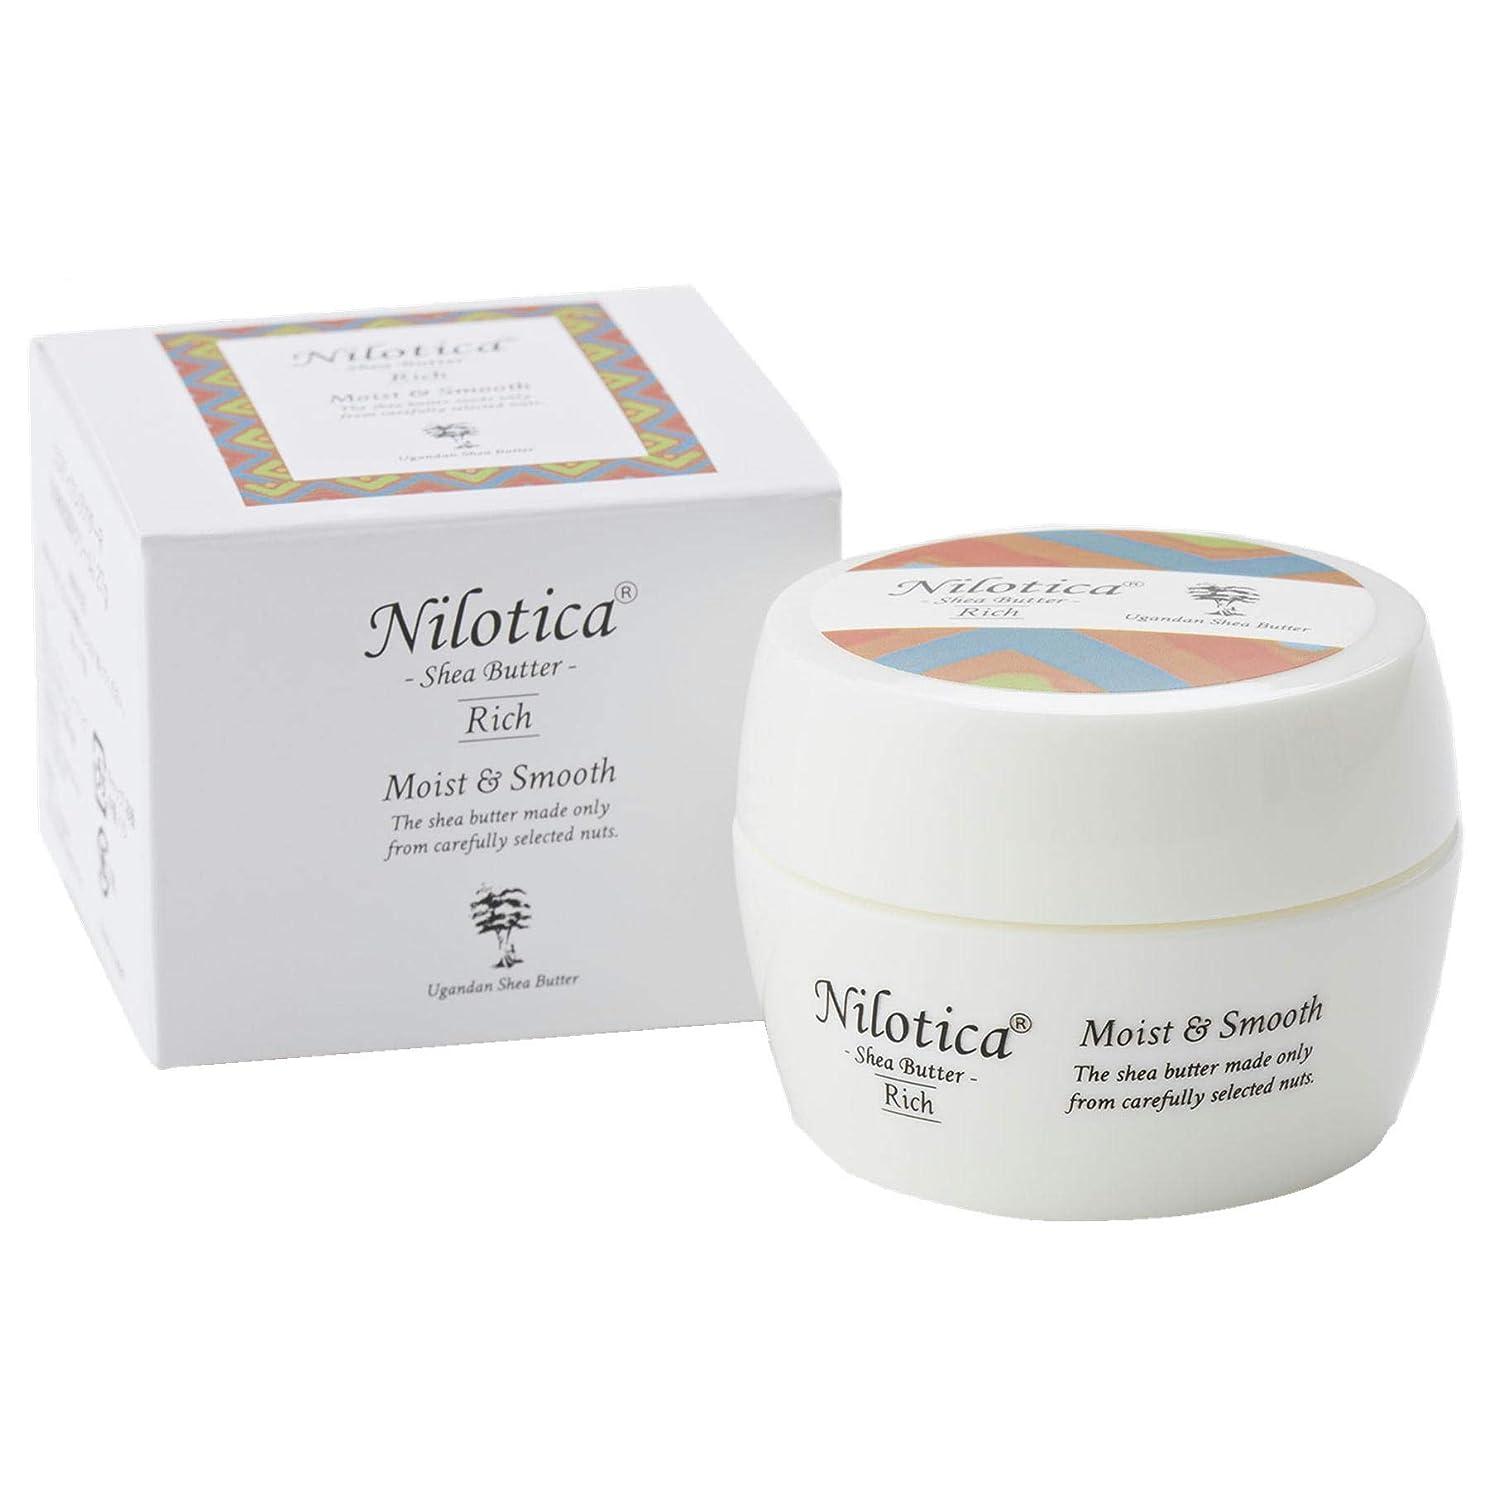 Nilotica ニロティカシアバターリッチ 27g 全身保湿クリーム プレーン 未精製シアバター ウガンダ産シアバター100%配合